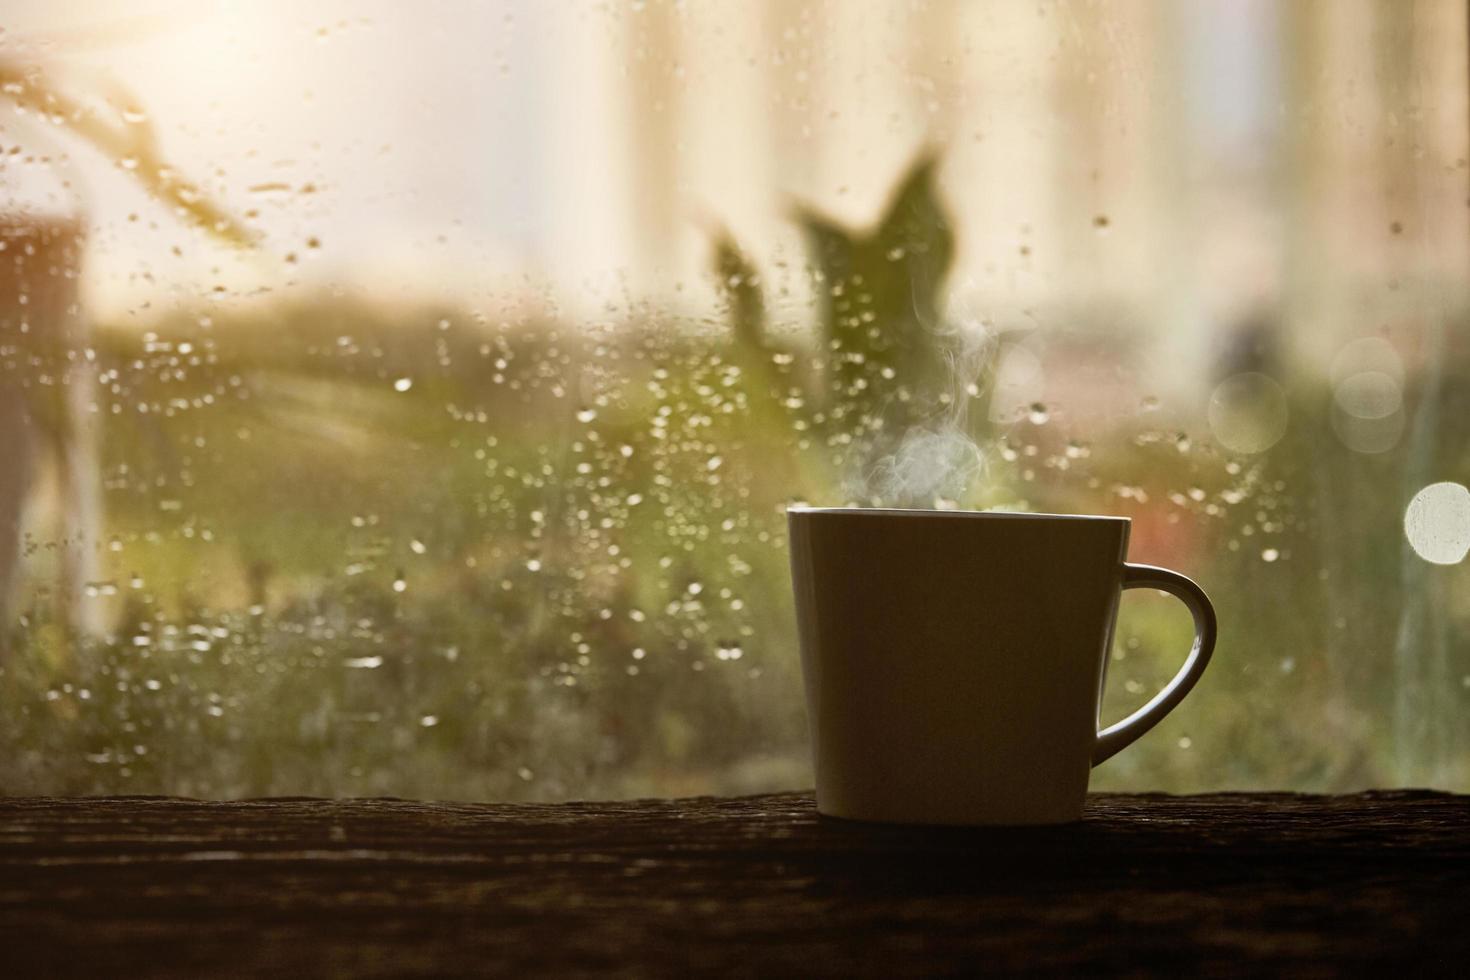 Kaffee in der Nähe von regnerischen Fenster foto